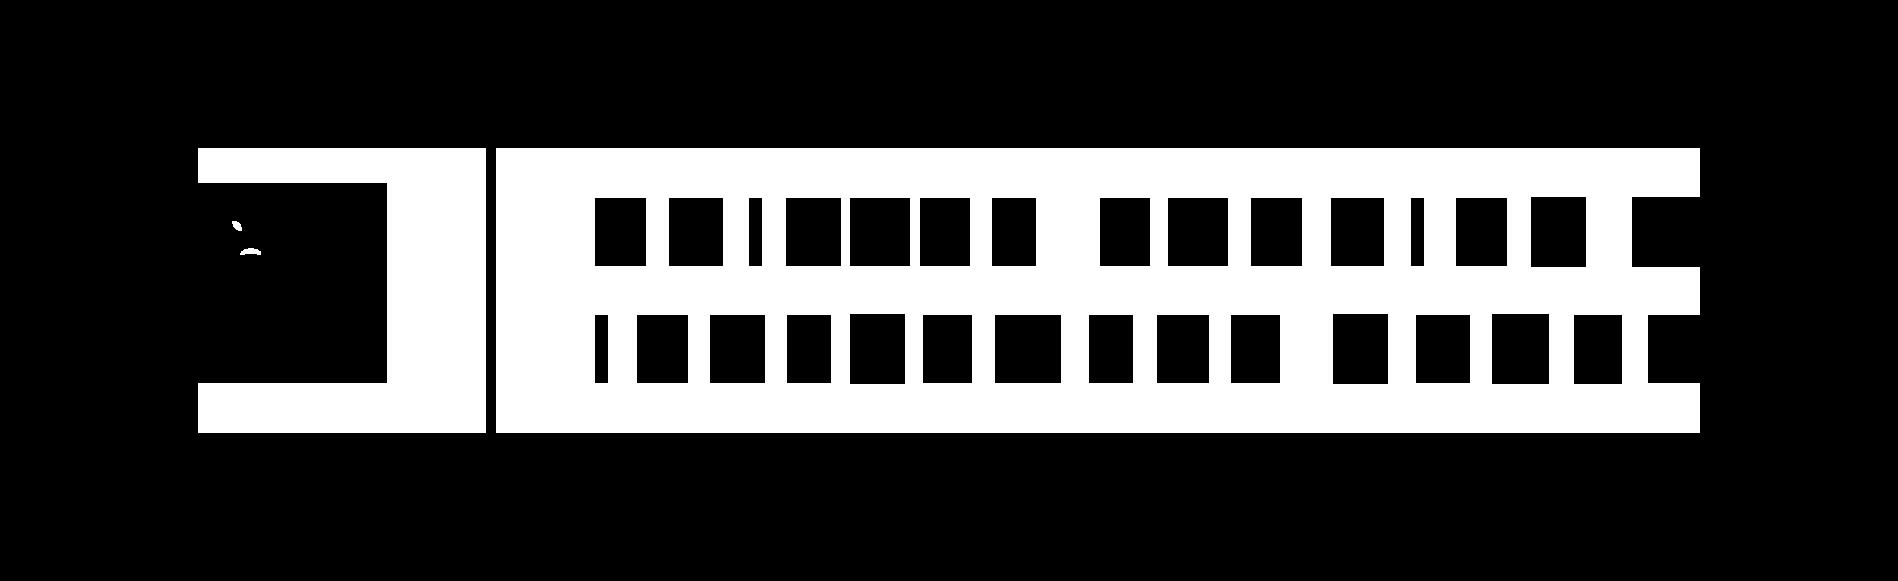 PBIG_SHORTER_BLACK.png